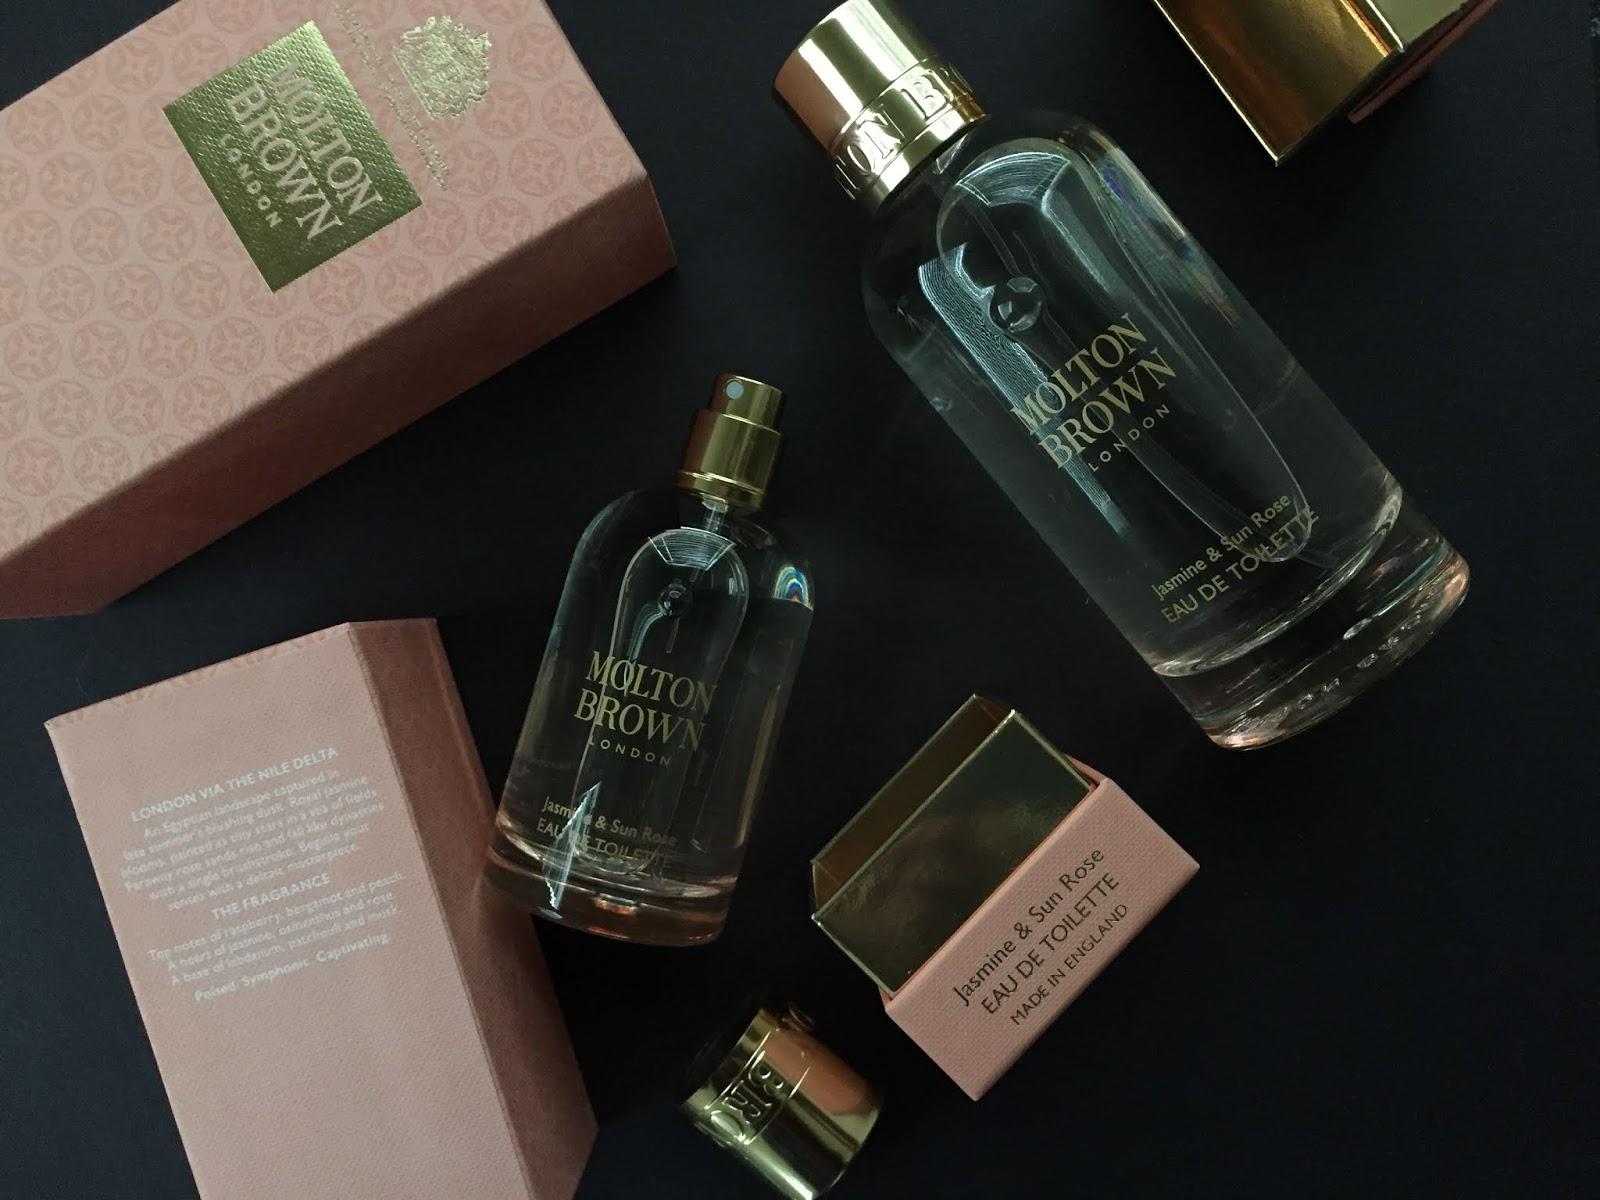 Molton Brown Jasmine Sun Rose Eau De Toilette Perfume Review And